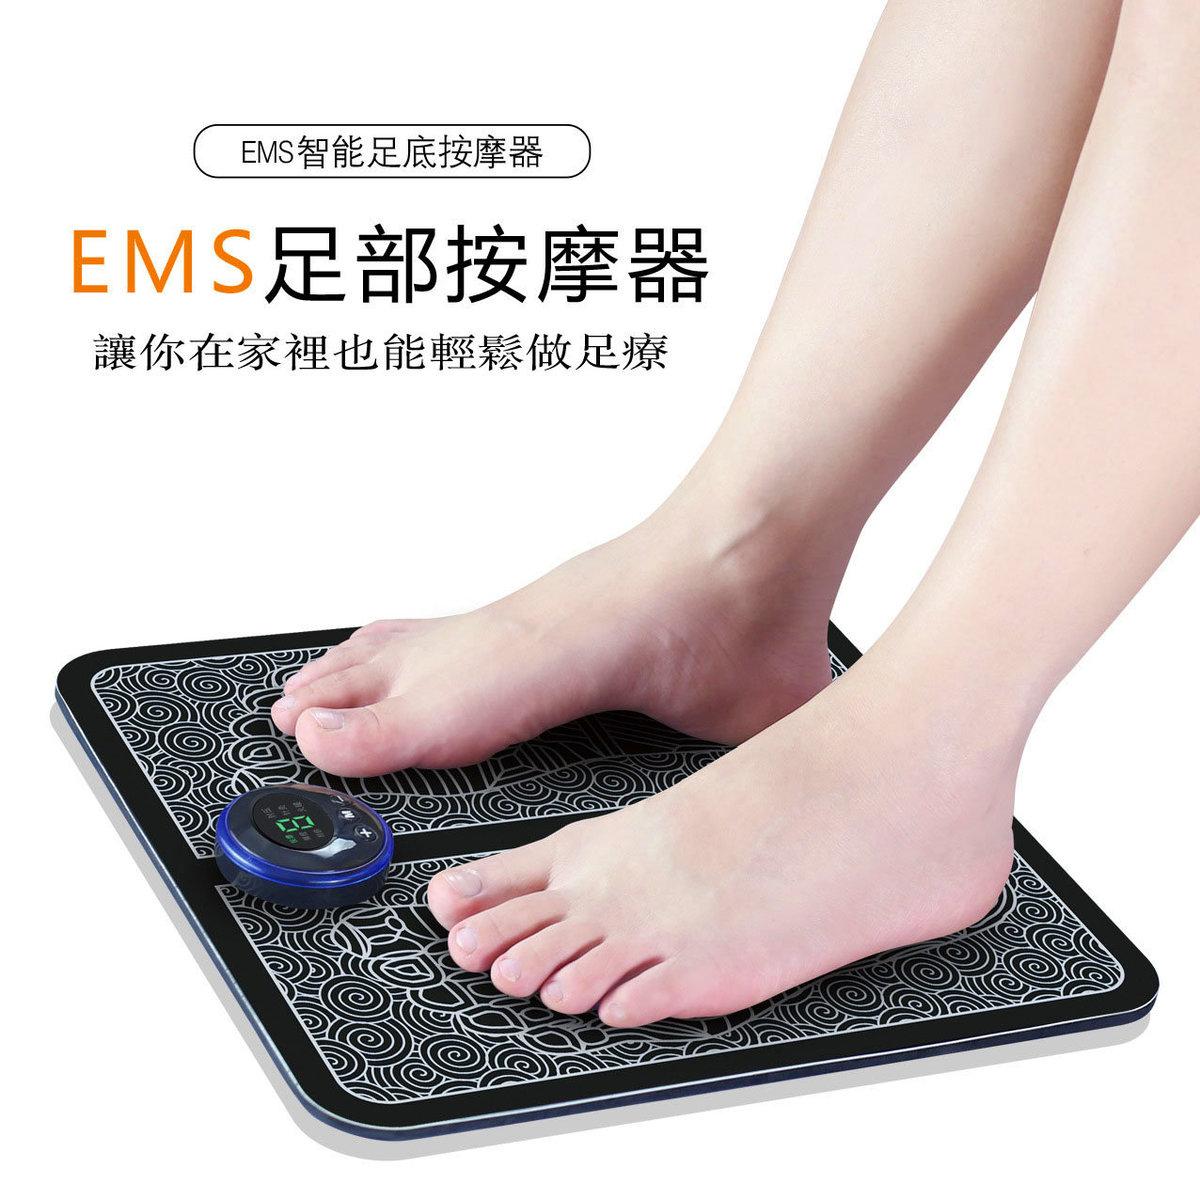 2019 新款 EMS 足部/足底按摩器/大熱瘦腿墊/纖腿墊